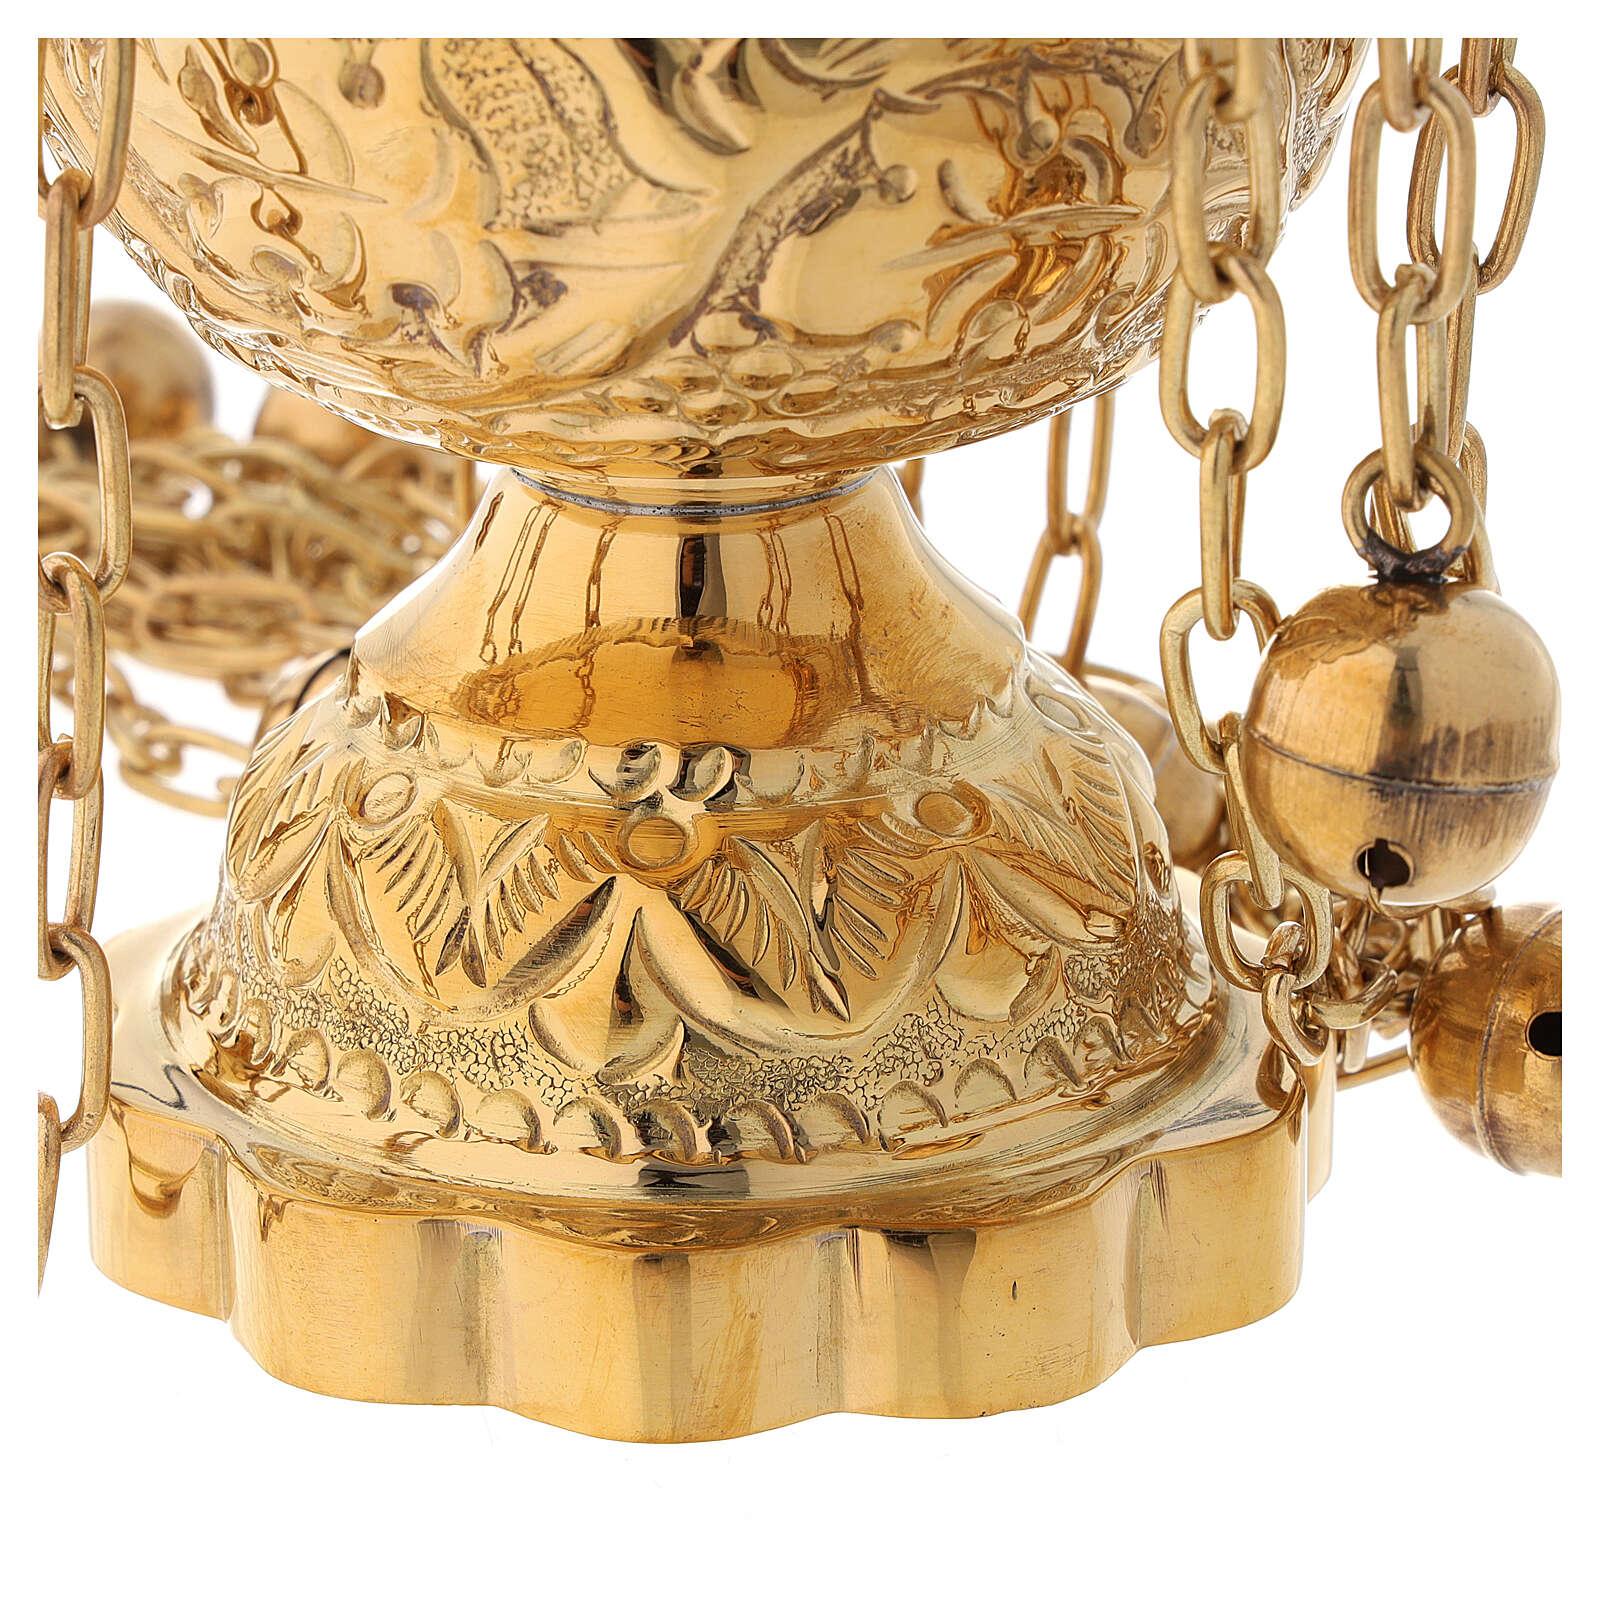 Turibolo decoro floreale in ottone dorato satinato 25 cm 3